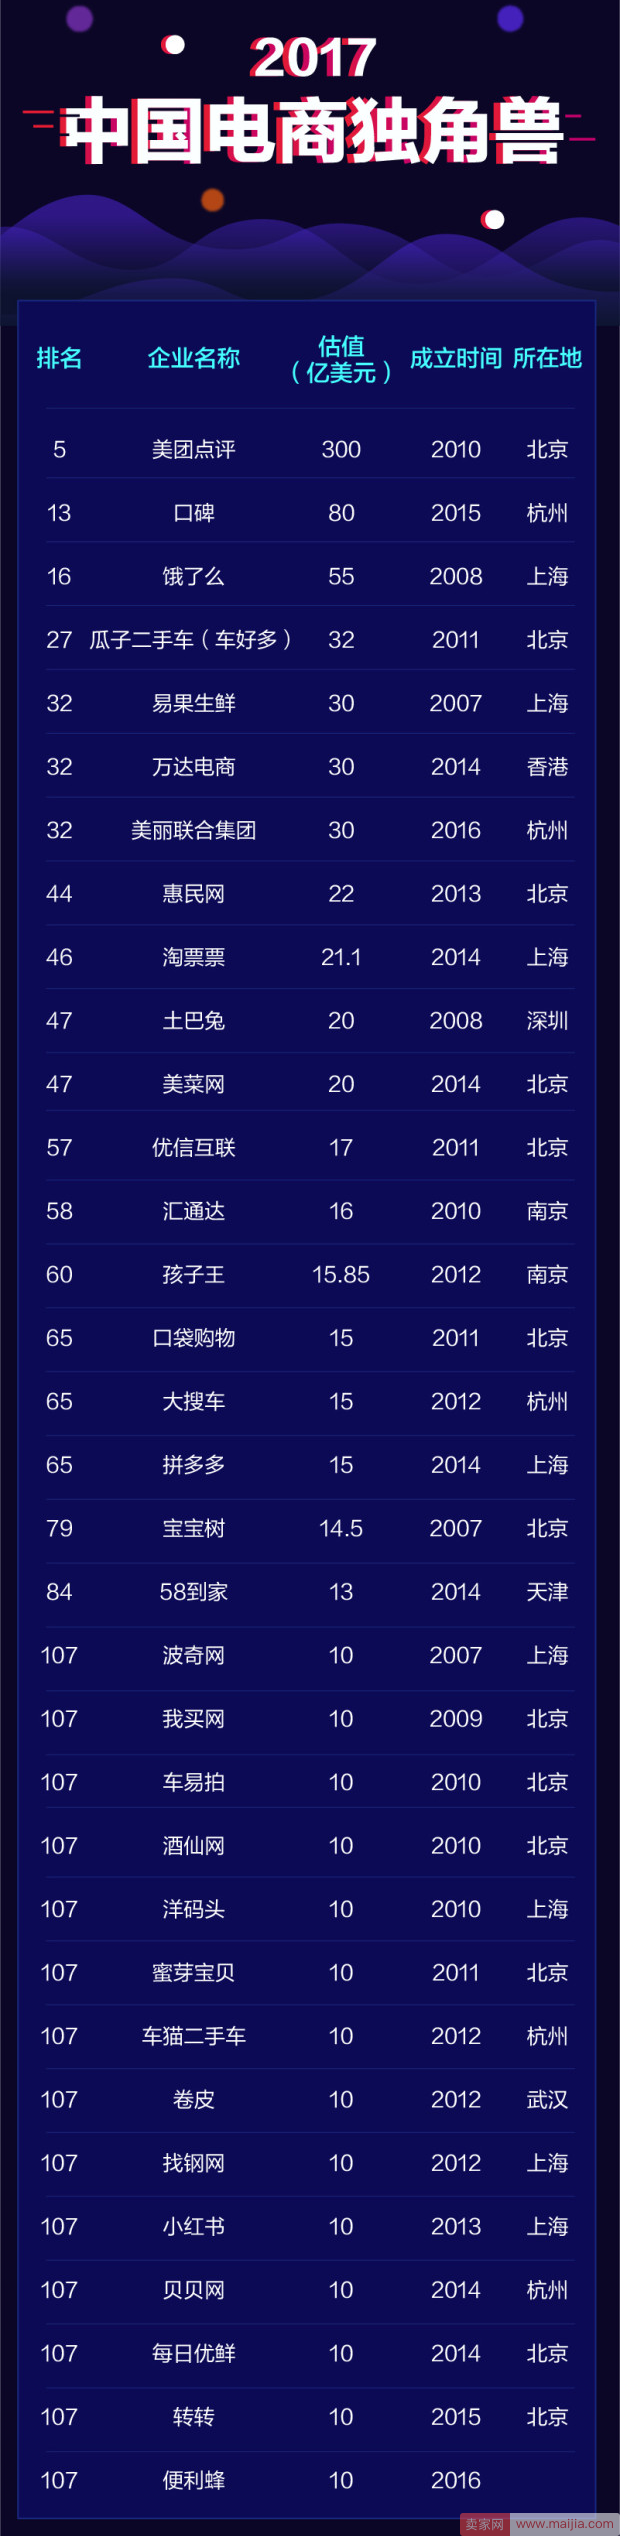 2017中国独角兽排名:33家电商企业上榜